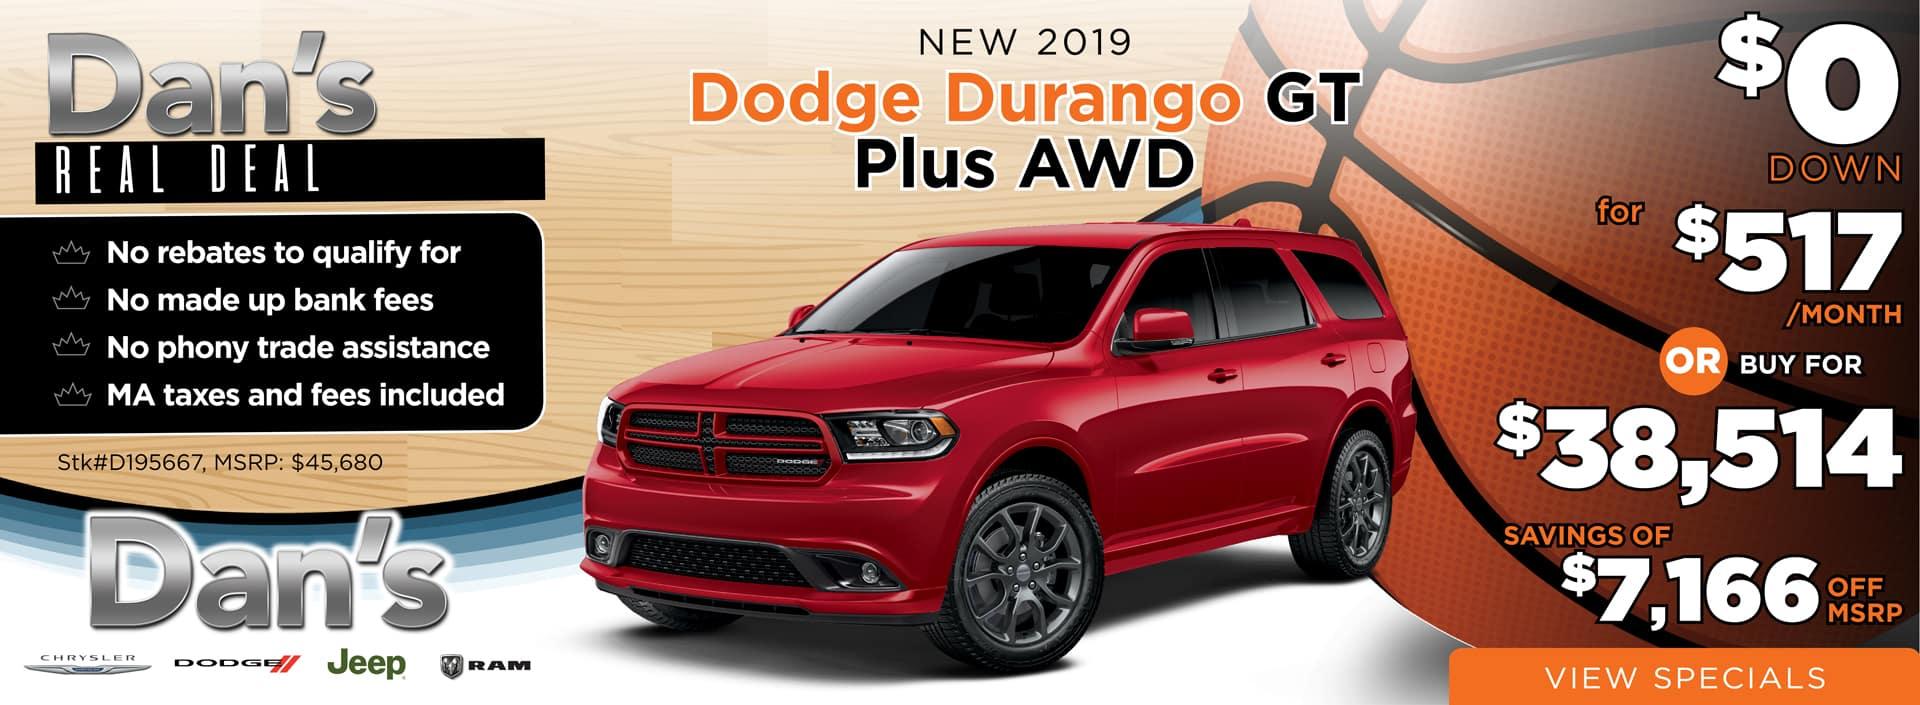 2019_Dodge Durango